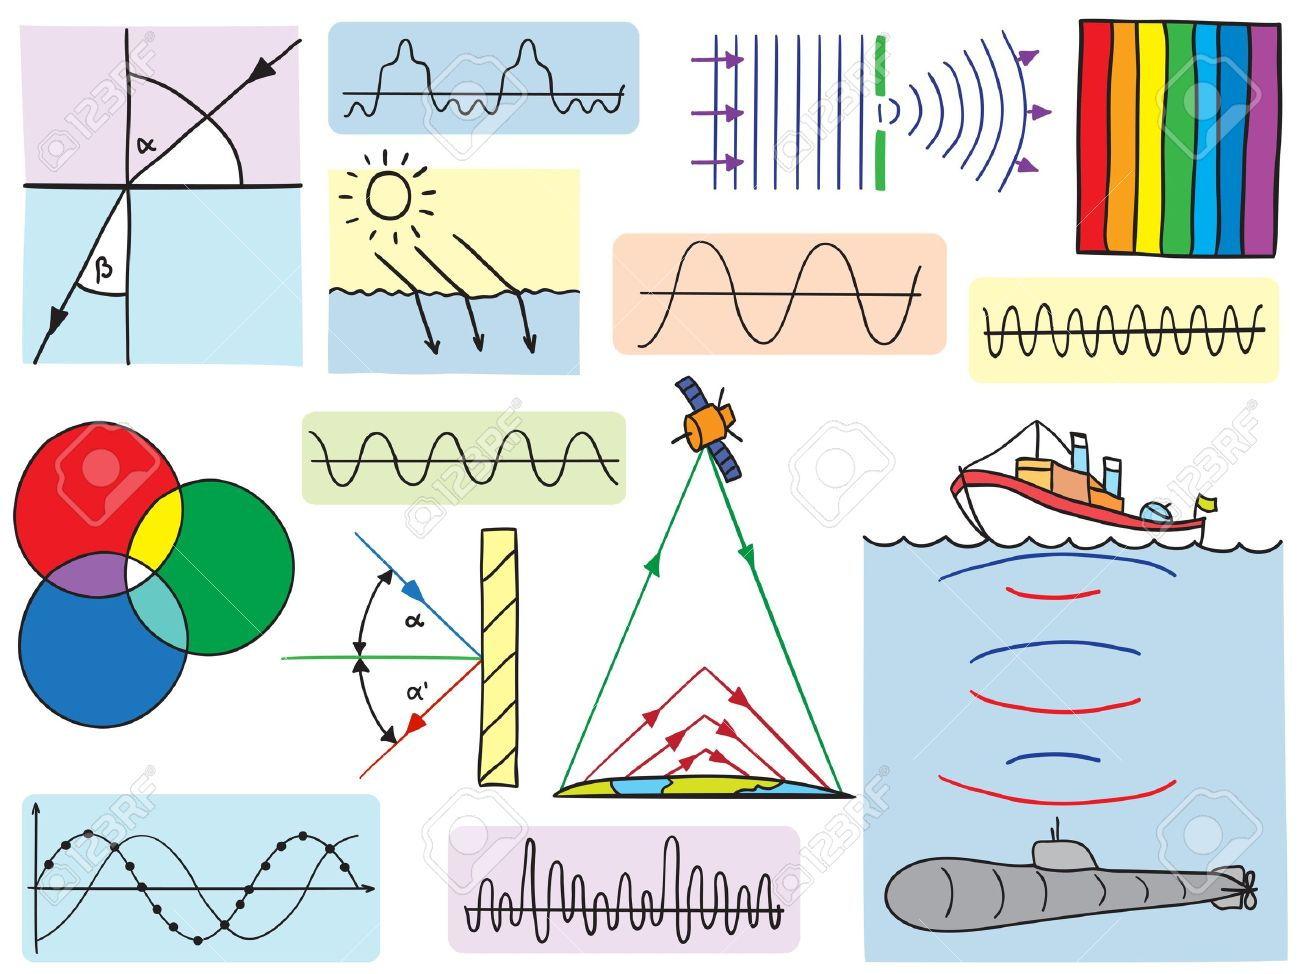 AQA 2017 GCSE Physics Waves full lessons